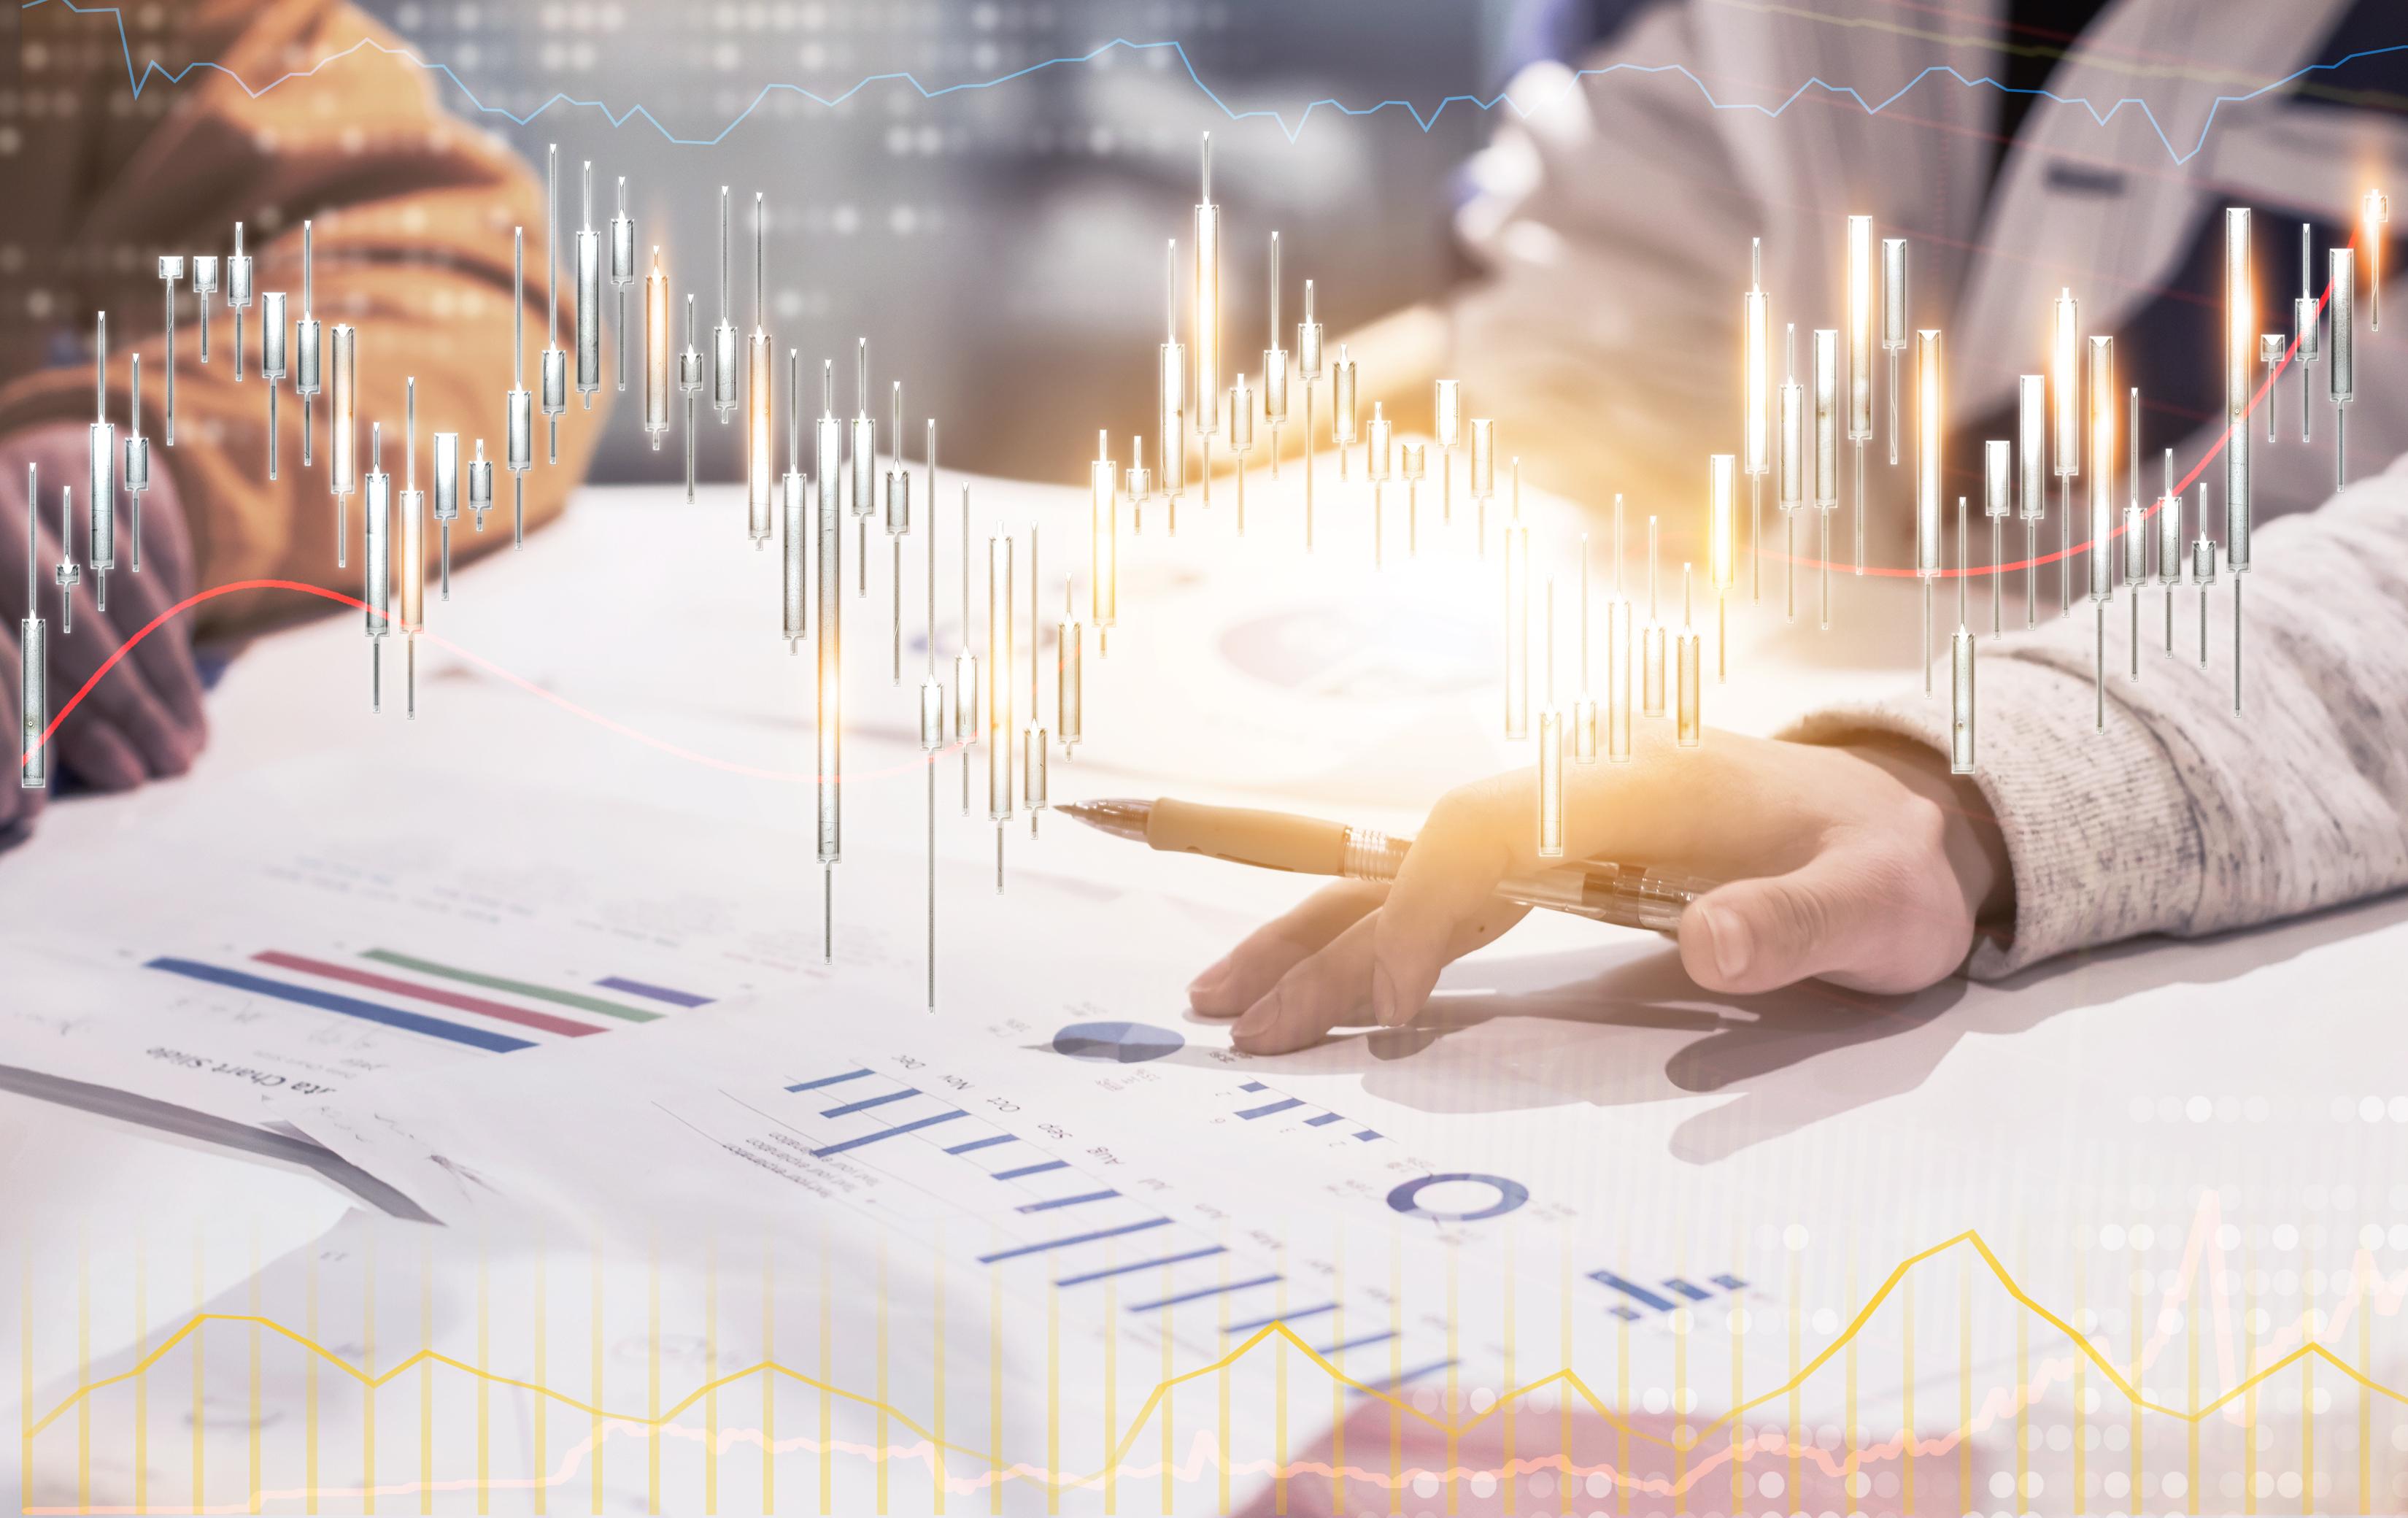 第三批全國區域性股權市場運營機構備案名單出爐